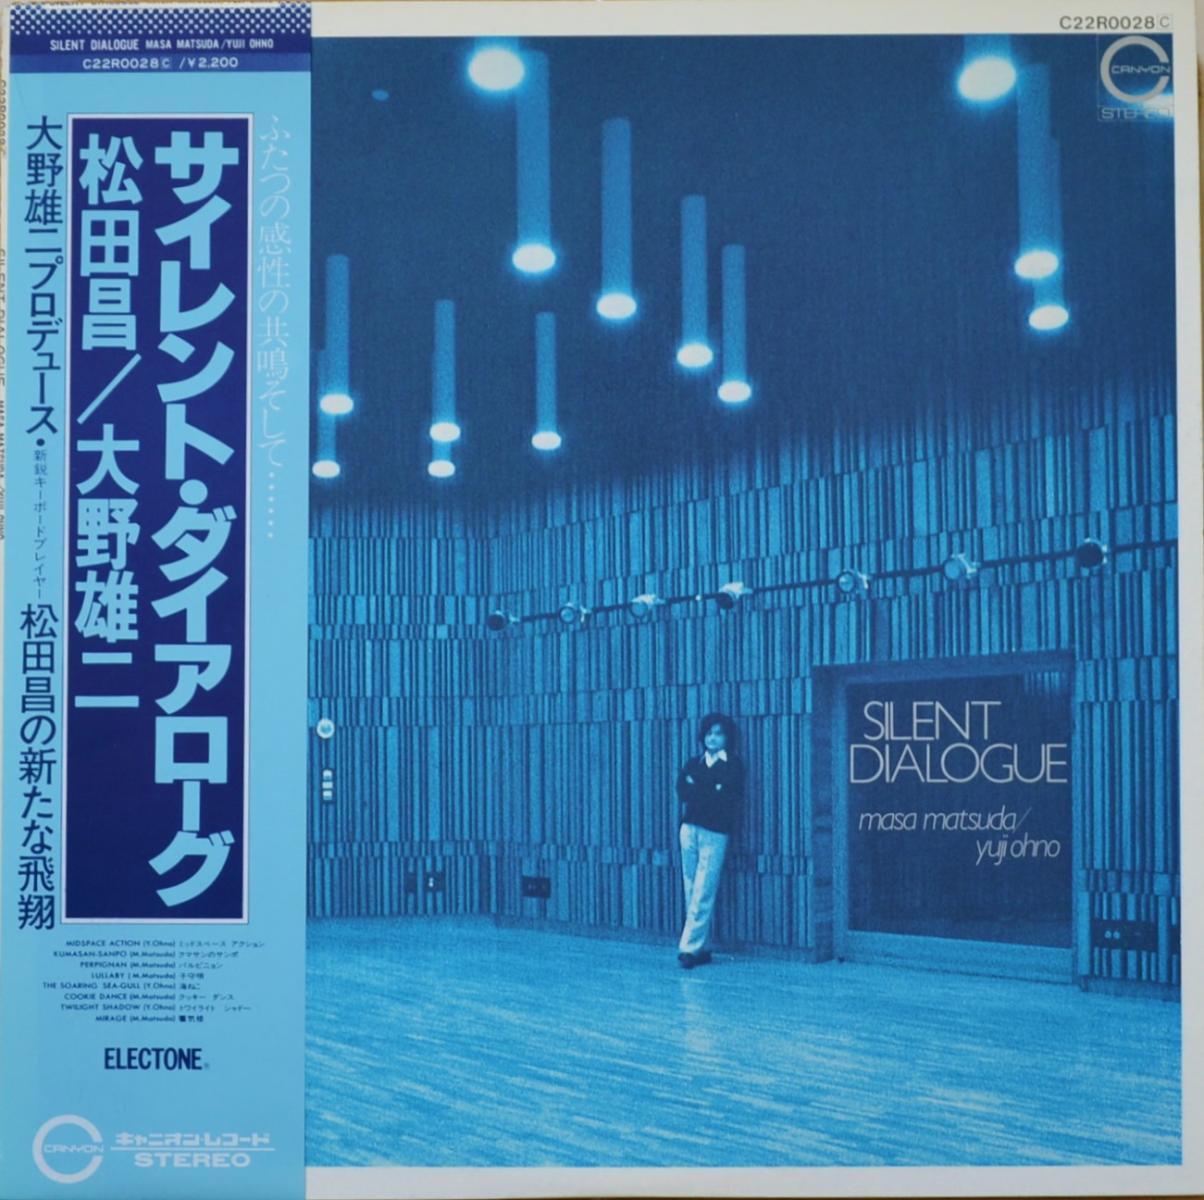 松田昌 / 大野雄二 MASA MATSUDA,YUJI OHNO / サイレント・ダイアローグ SILENT DIALOGUE (LP)